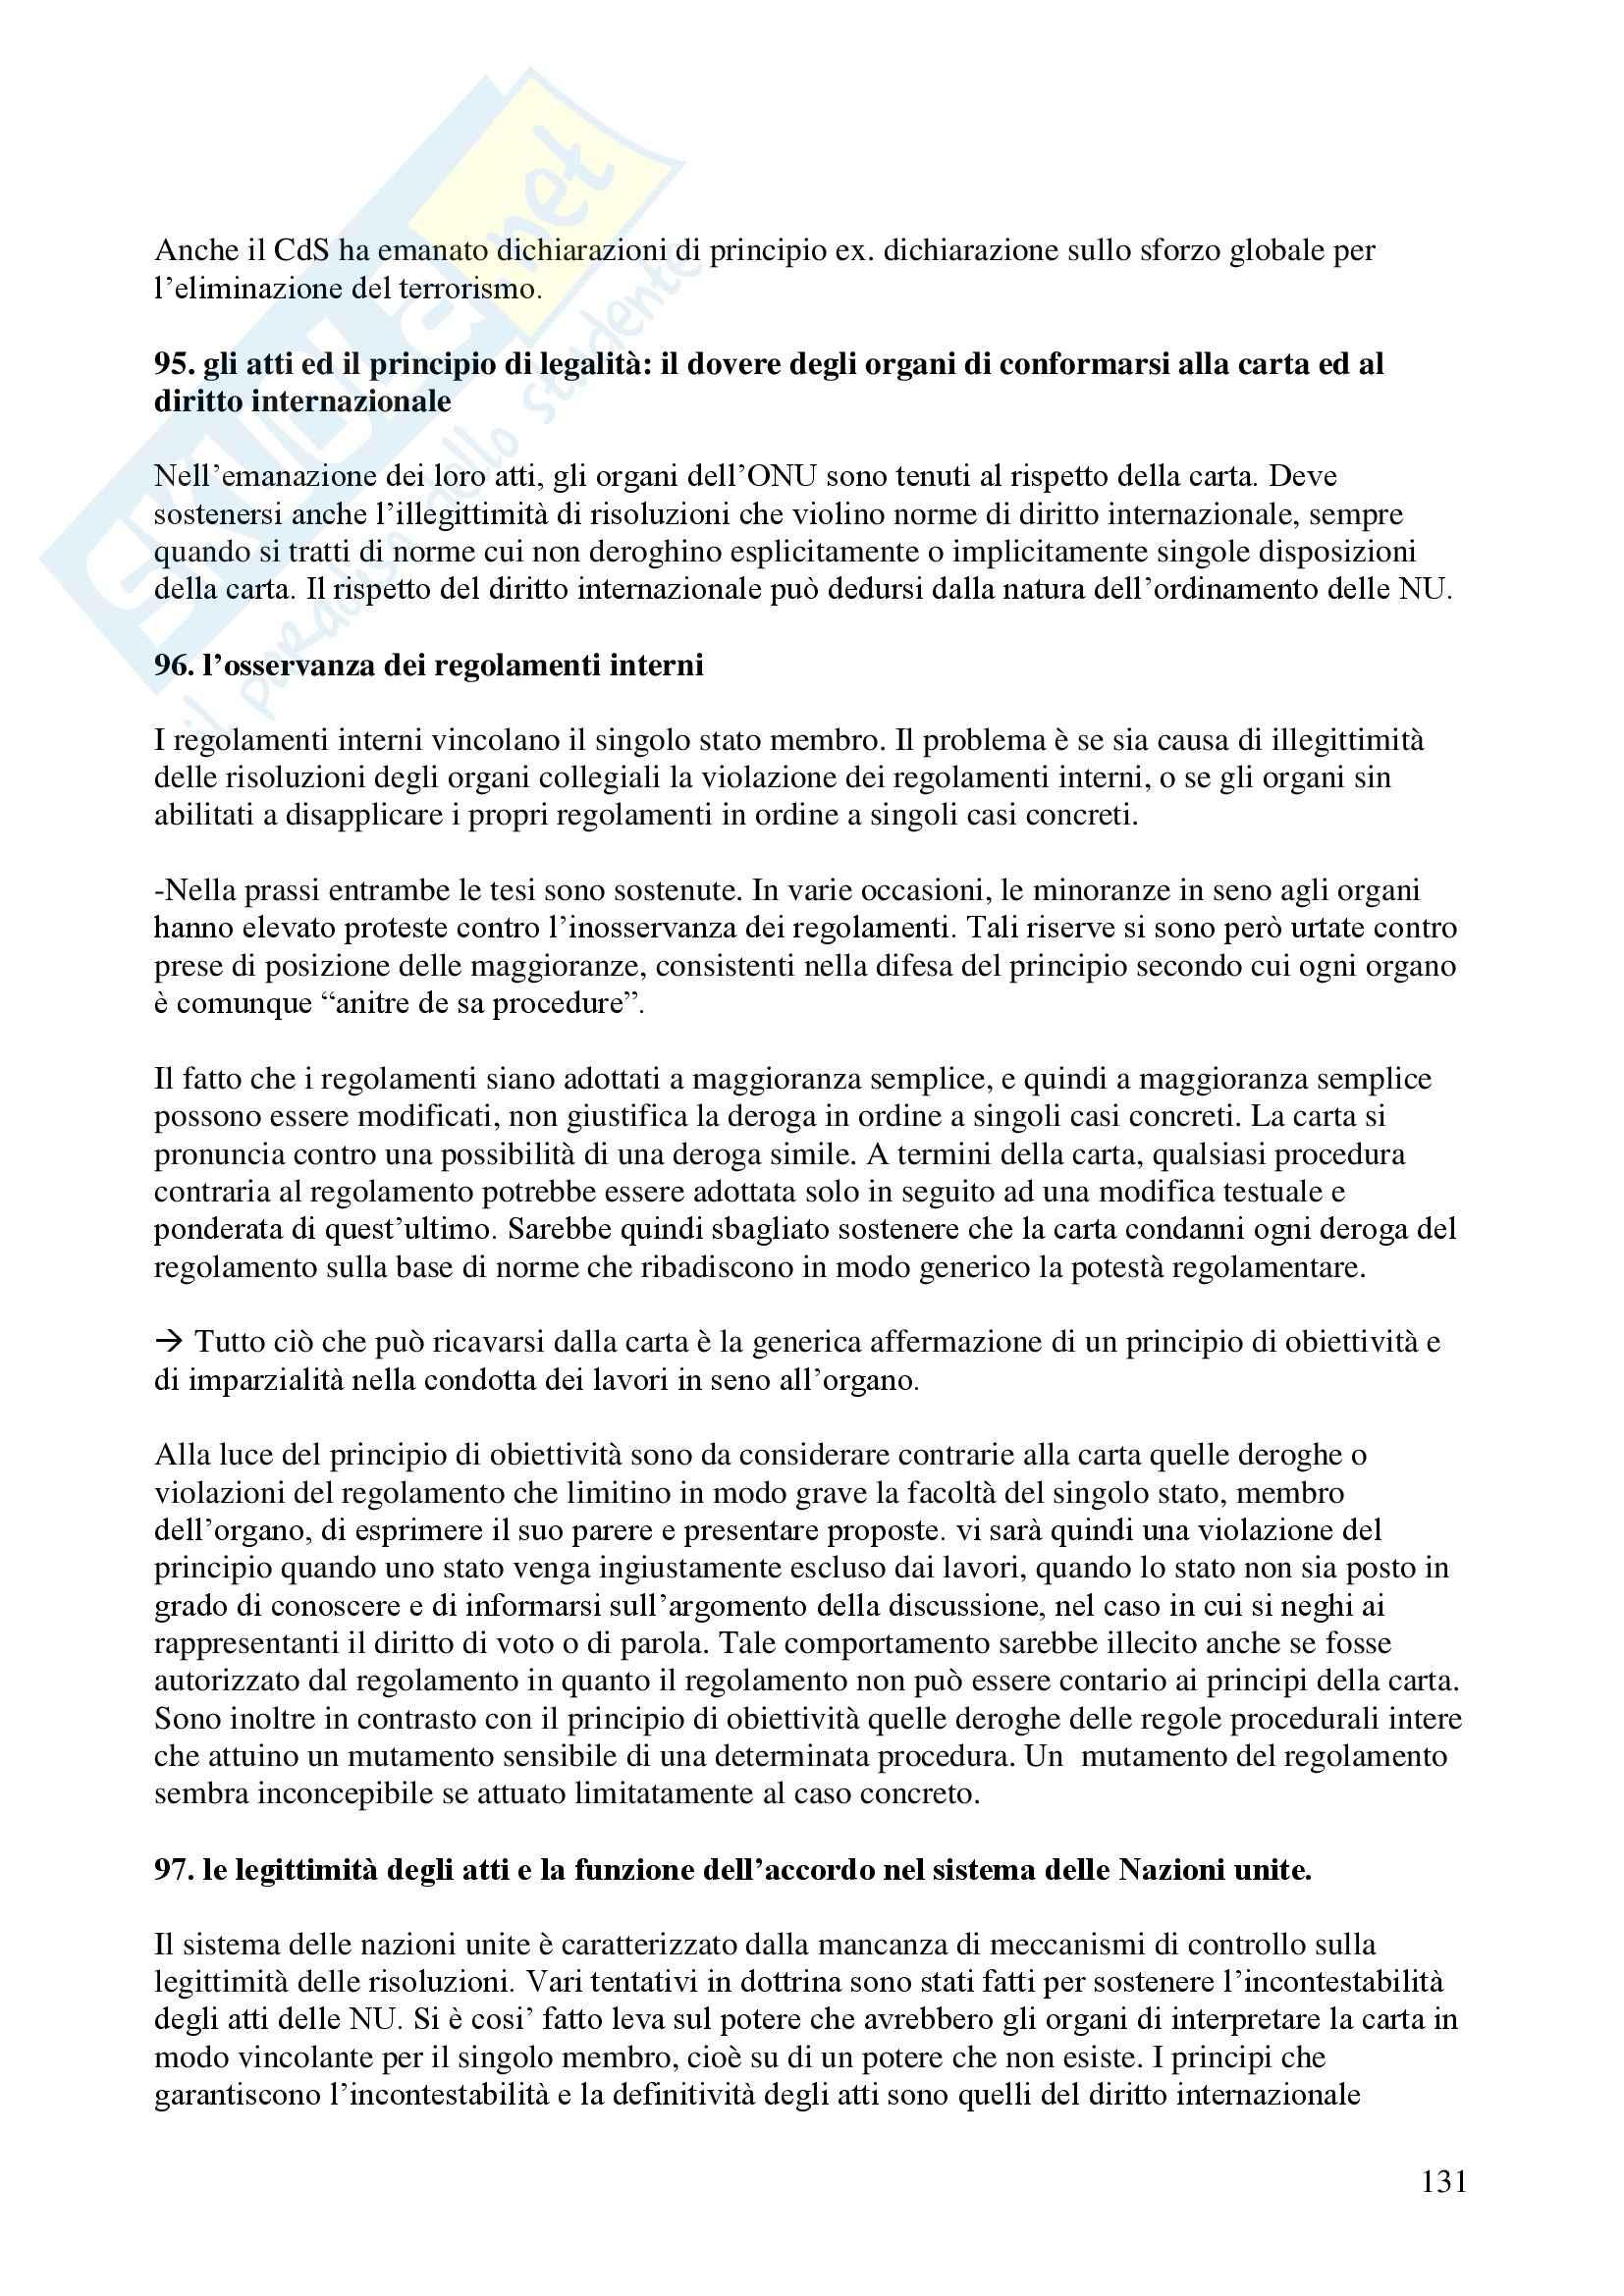 Riassunto esame Diritto Internazionale, prof. Davì, libro consigliato Le Nazioni Unite, Conforti Pag. 131